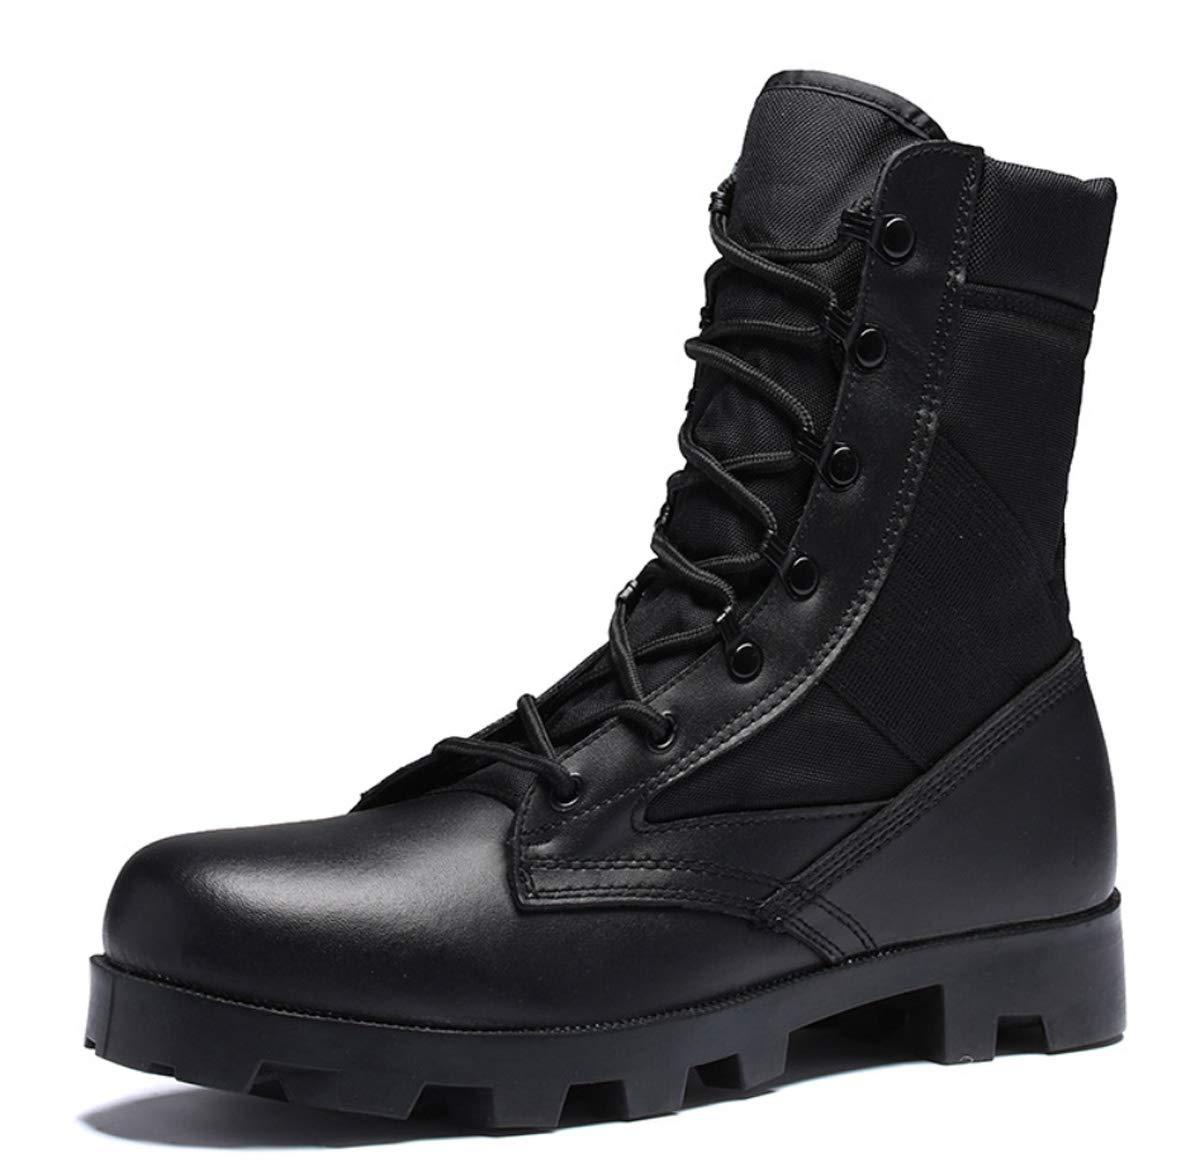 DANDANJIE Mens Army Military Combat Stiefel Sport Outdoor Sicherheit Polizei Taktische Stiefel Camping Wandern Klettern Schuhe Spezialeinheiten Schuh